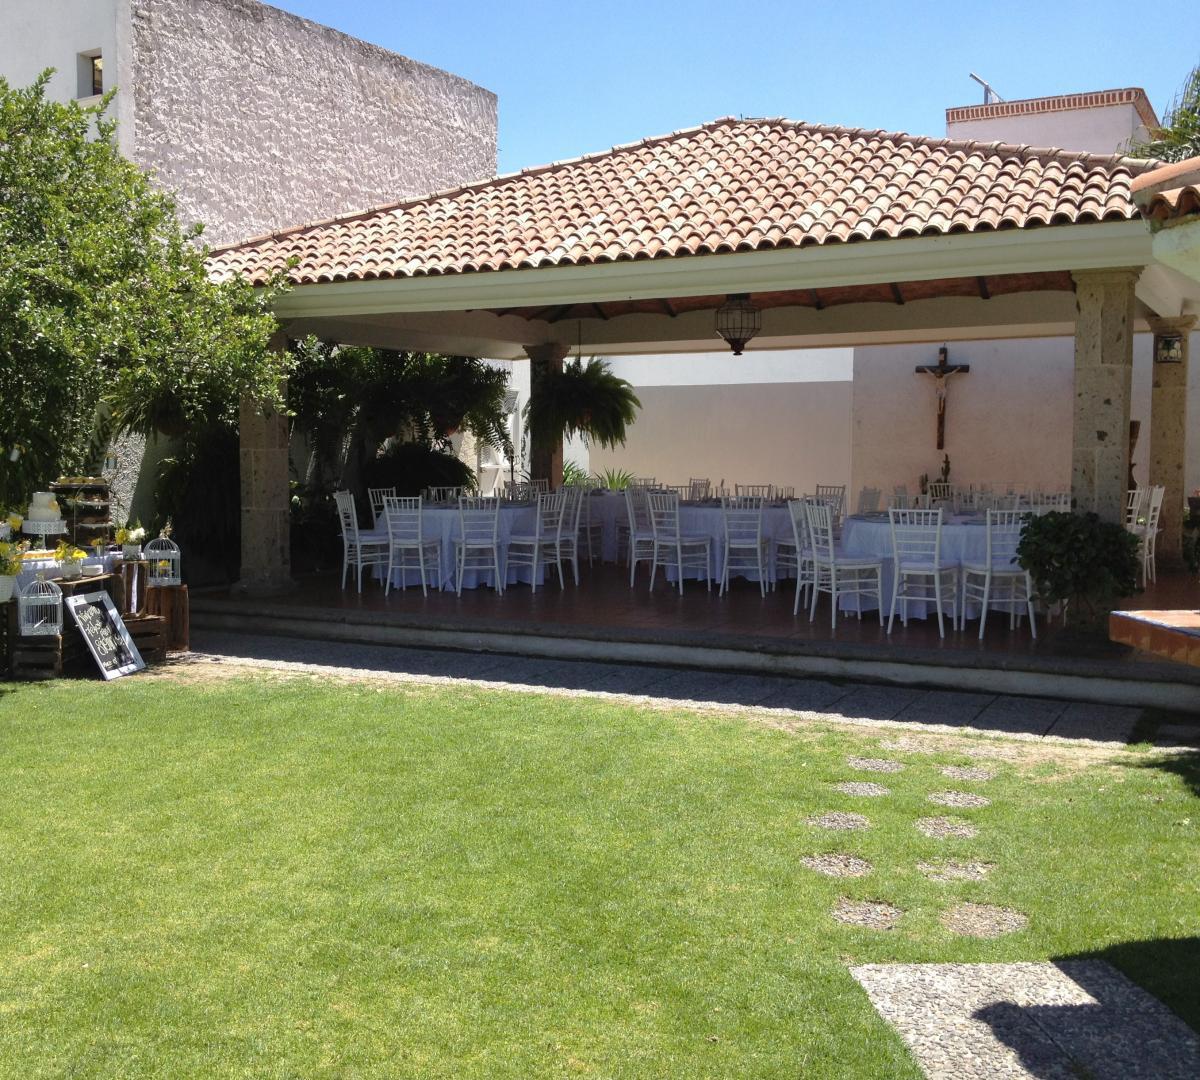 Jard n la terraza zapopan contadores 555 3310114 for Galerias jardines pequenos